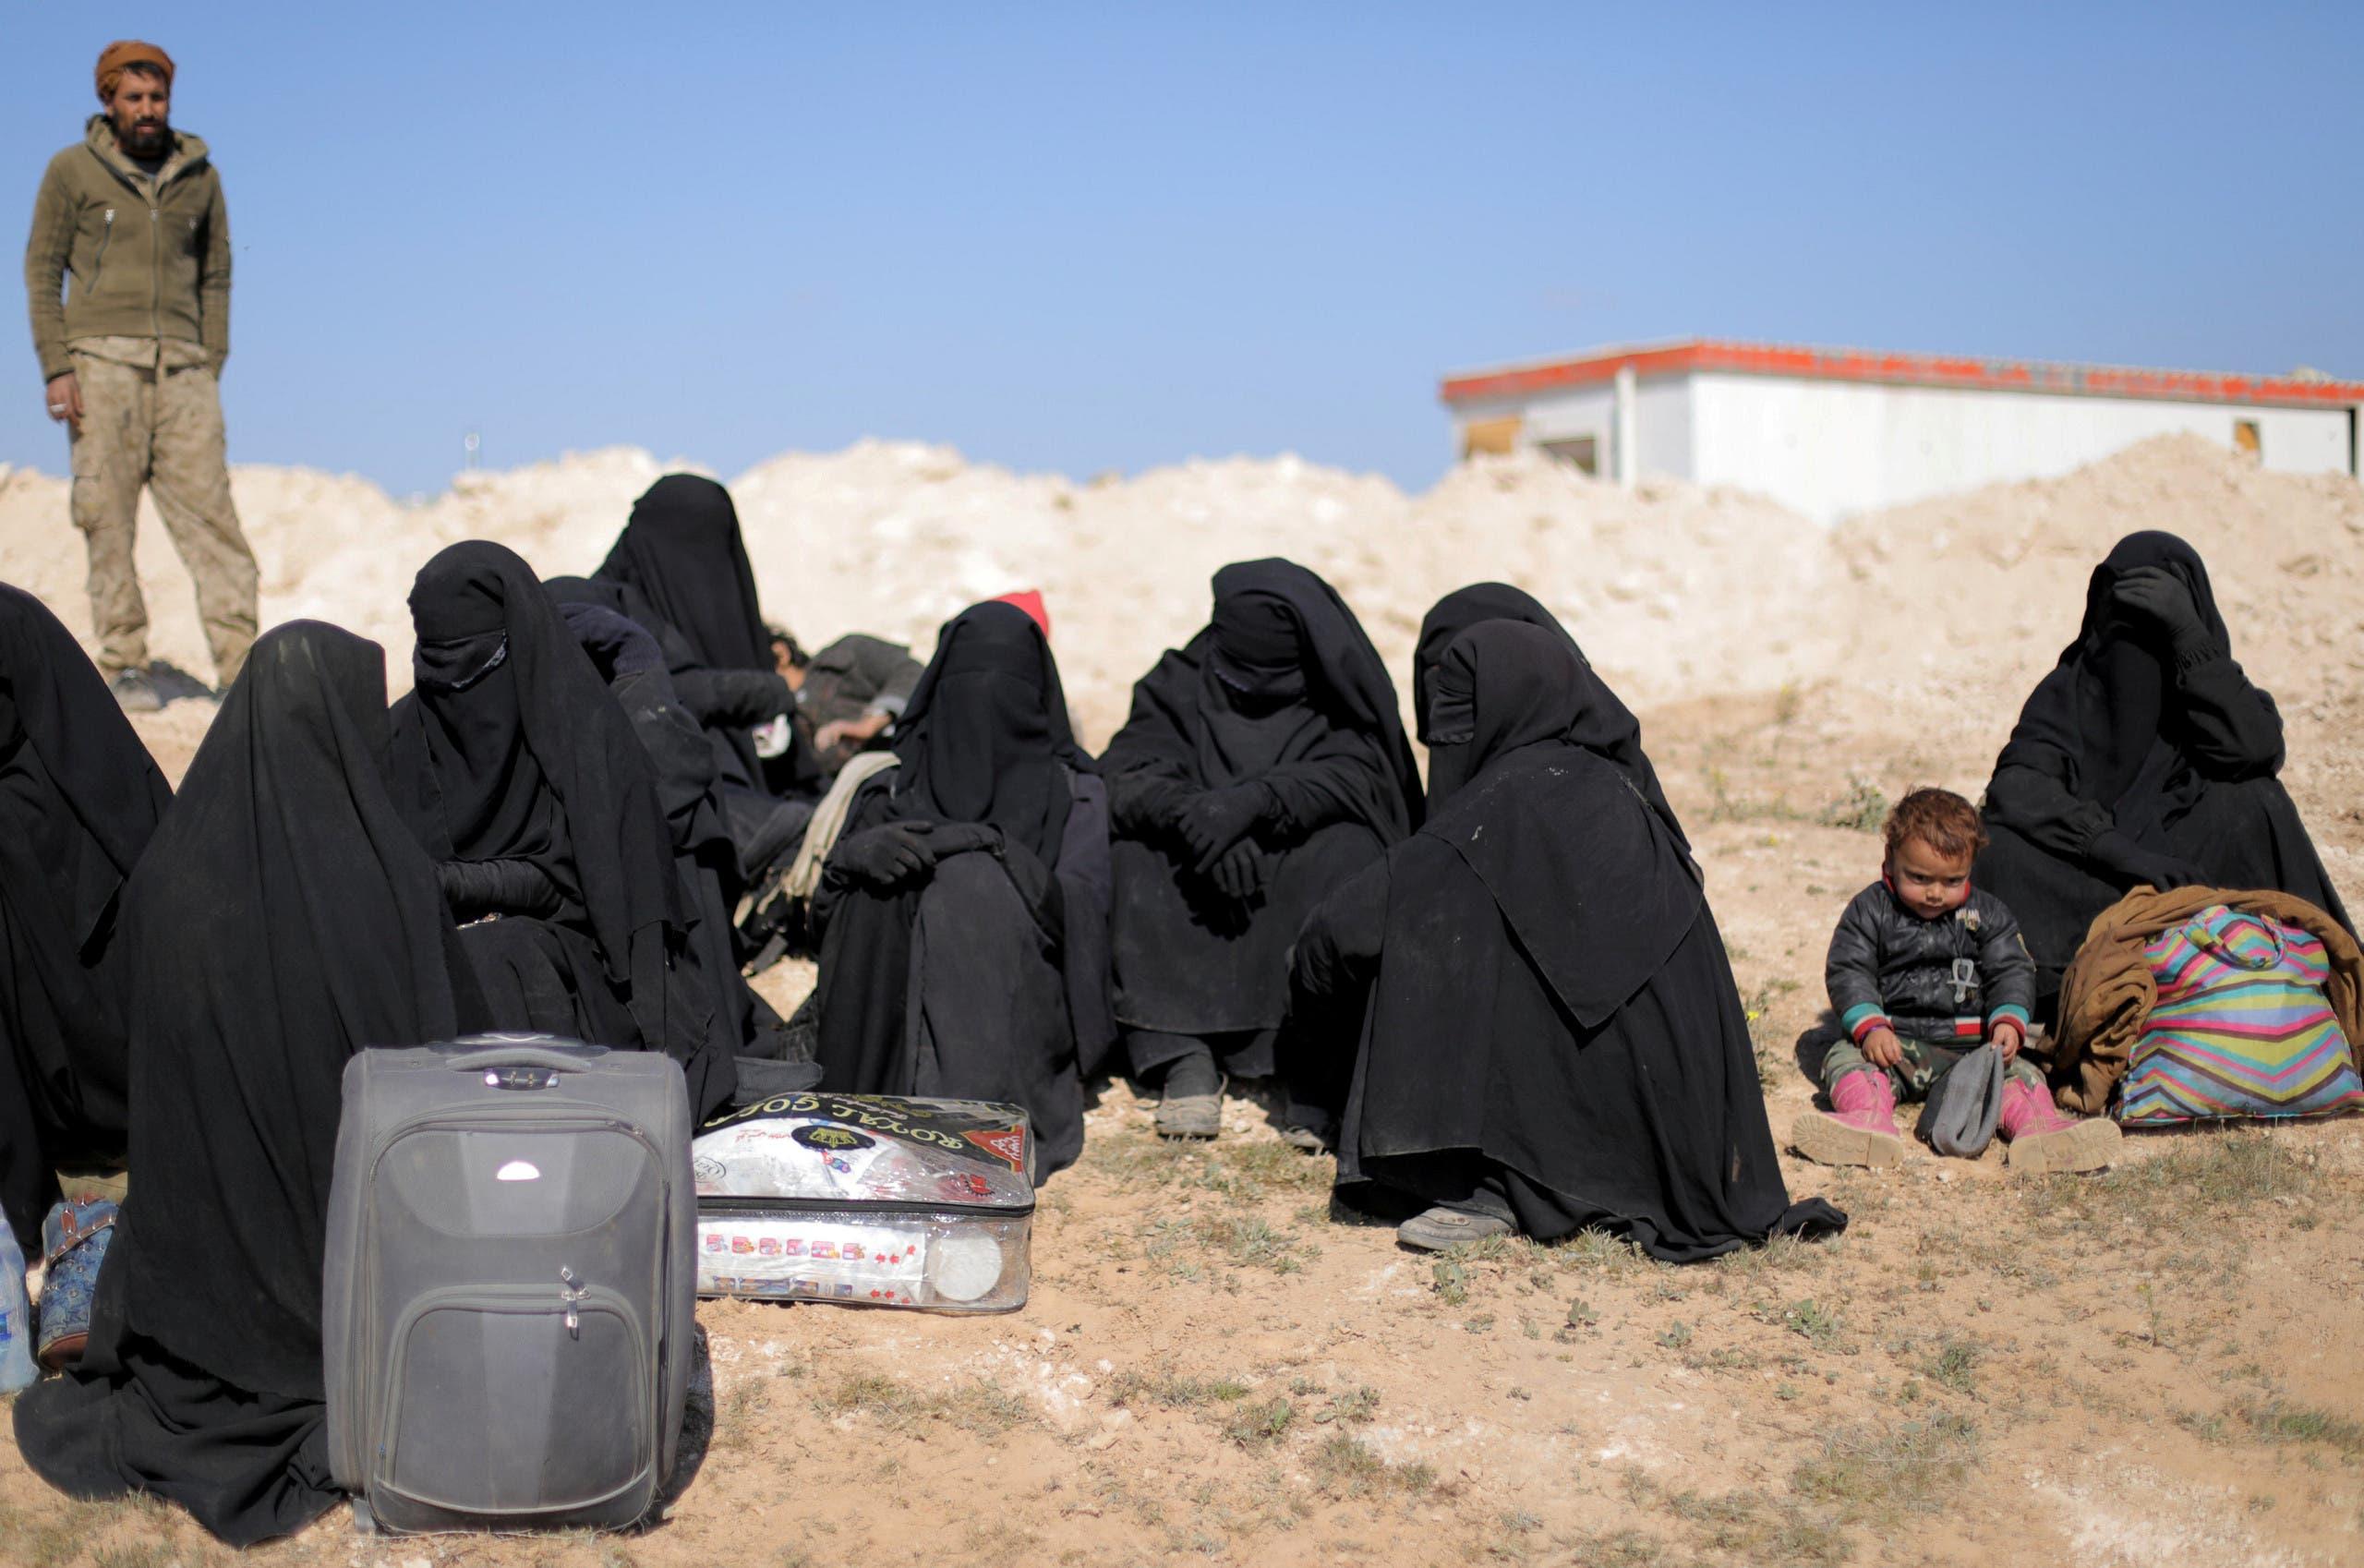 نساء ينتظرن مع أغراضهن بالقرب من الباغوز